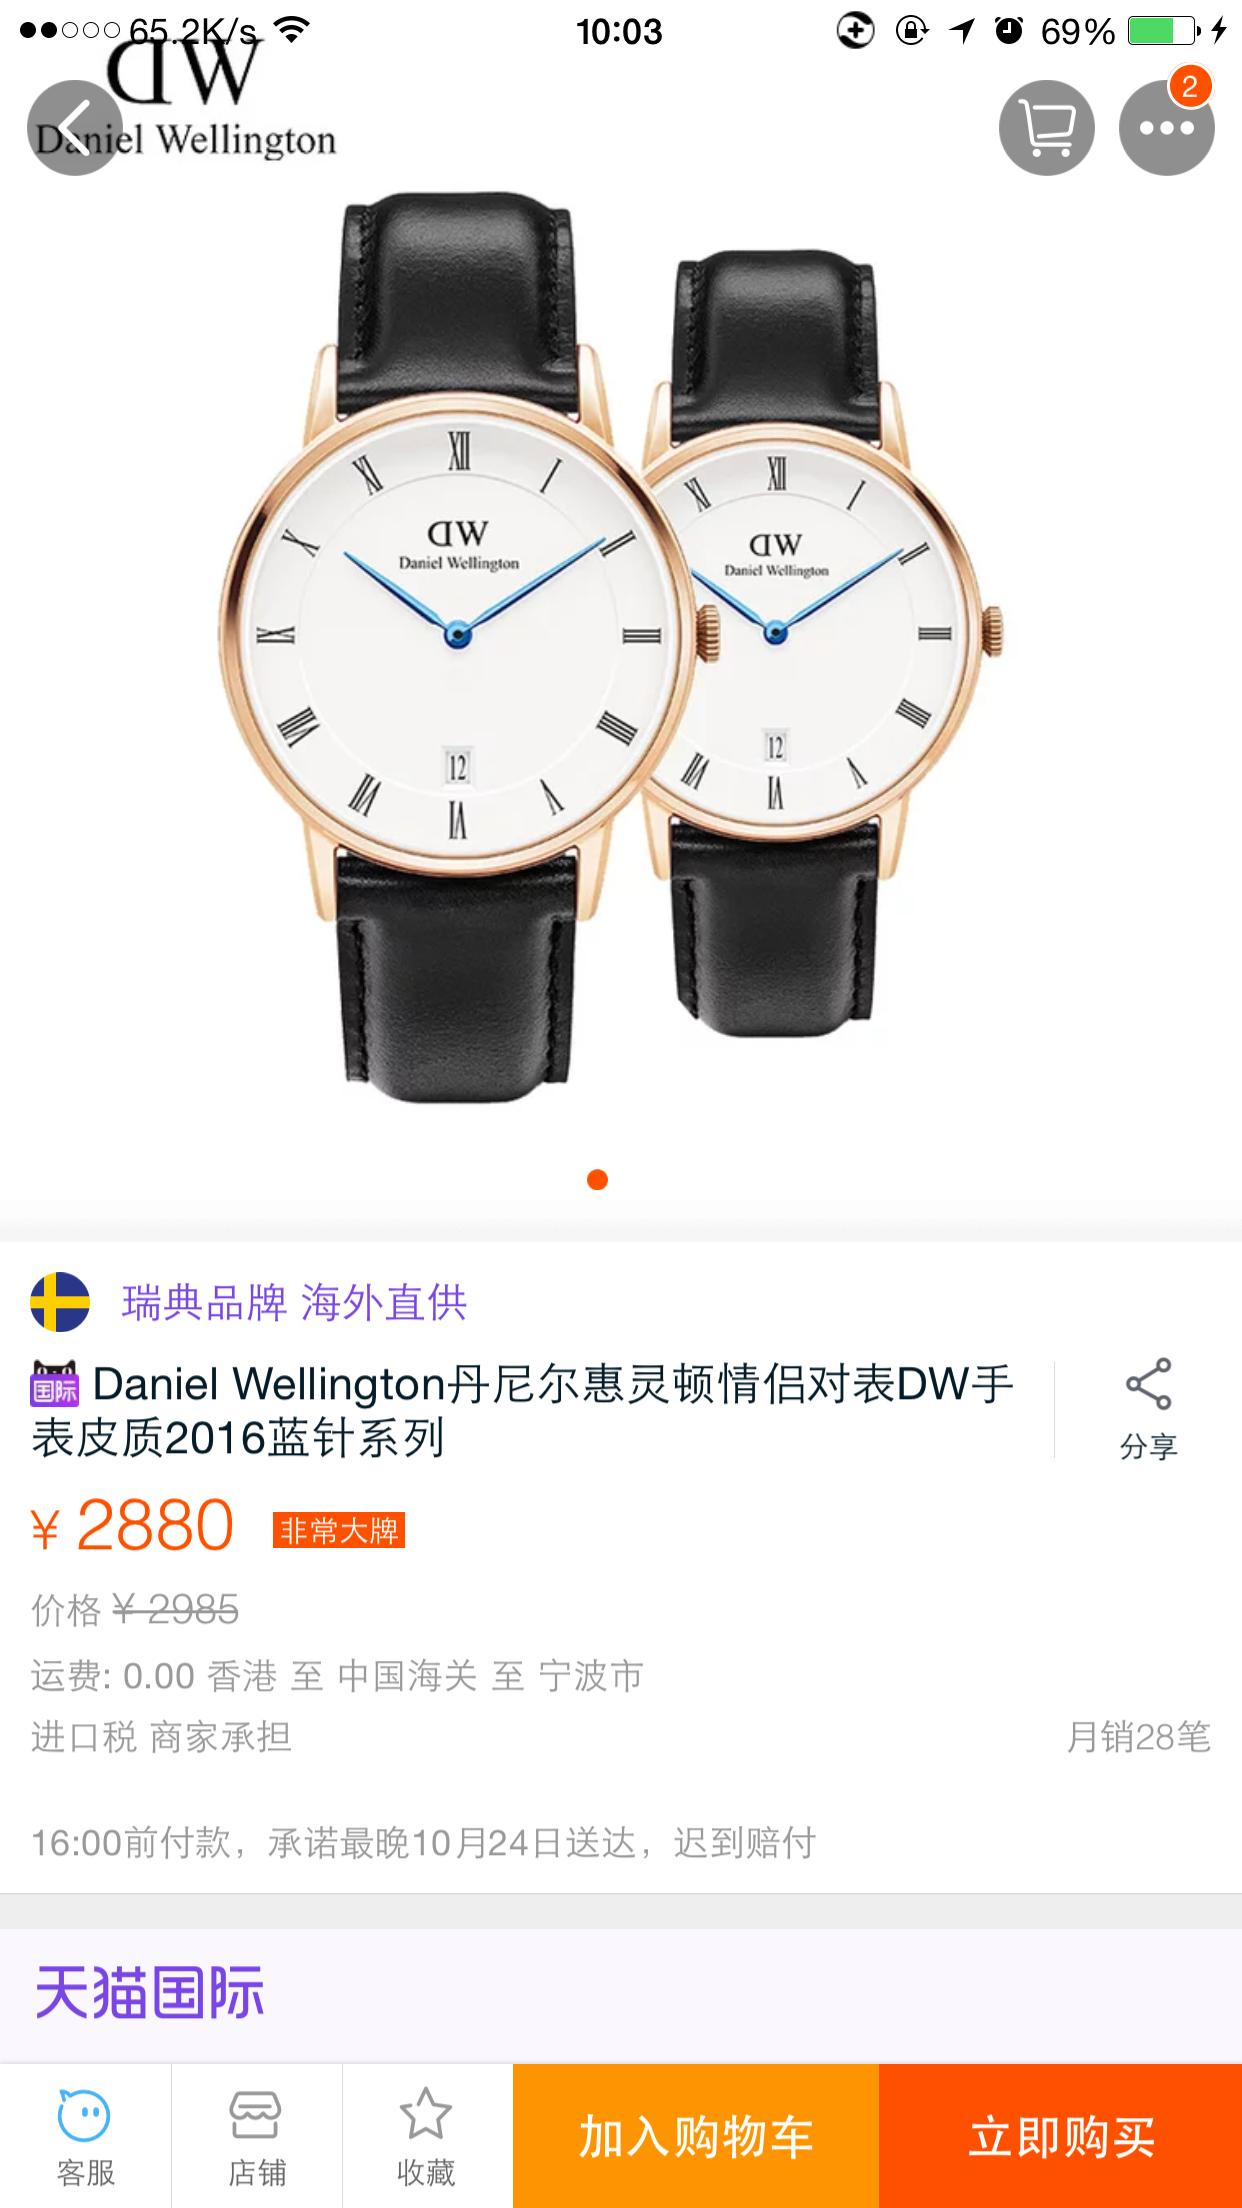 代购不做了,出一些DW手表便宜